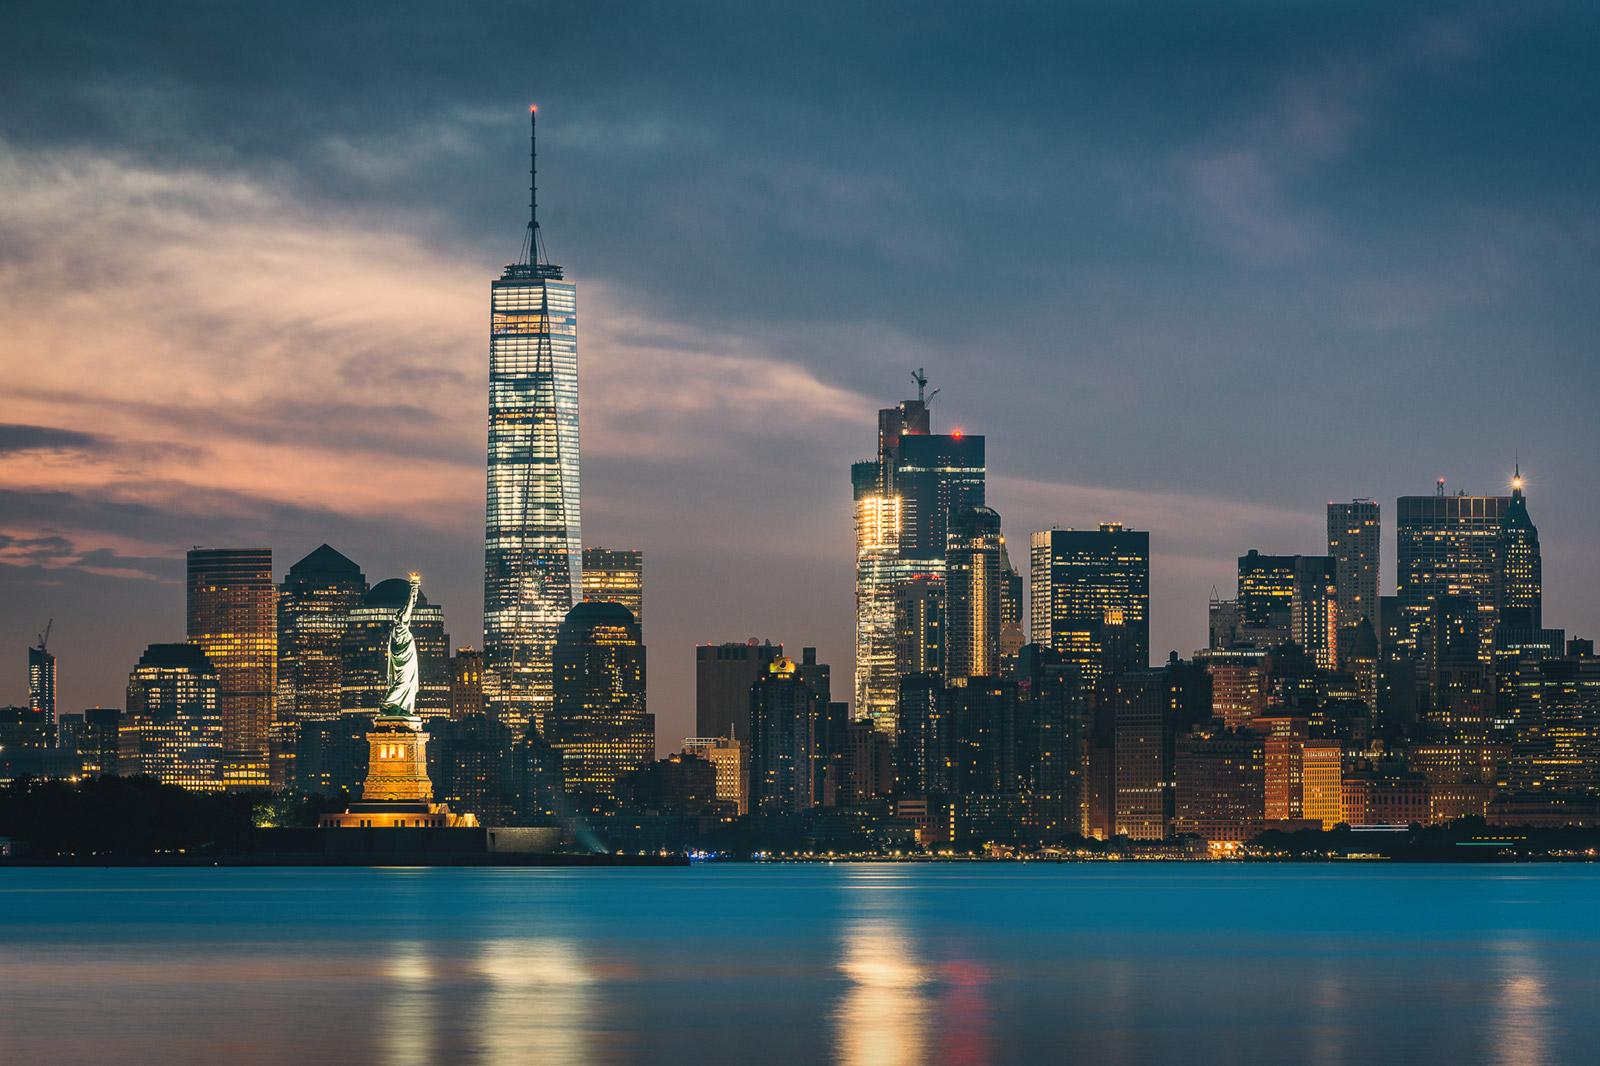 New York City Skyline - Freiheitsstatue und One World Trade Center - Stefan Schäfer Landschaftsfotograf